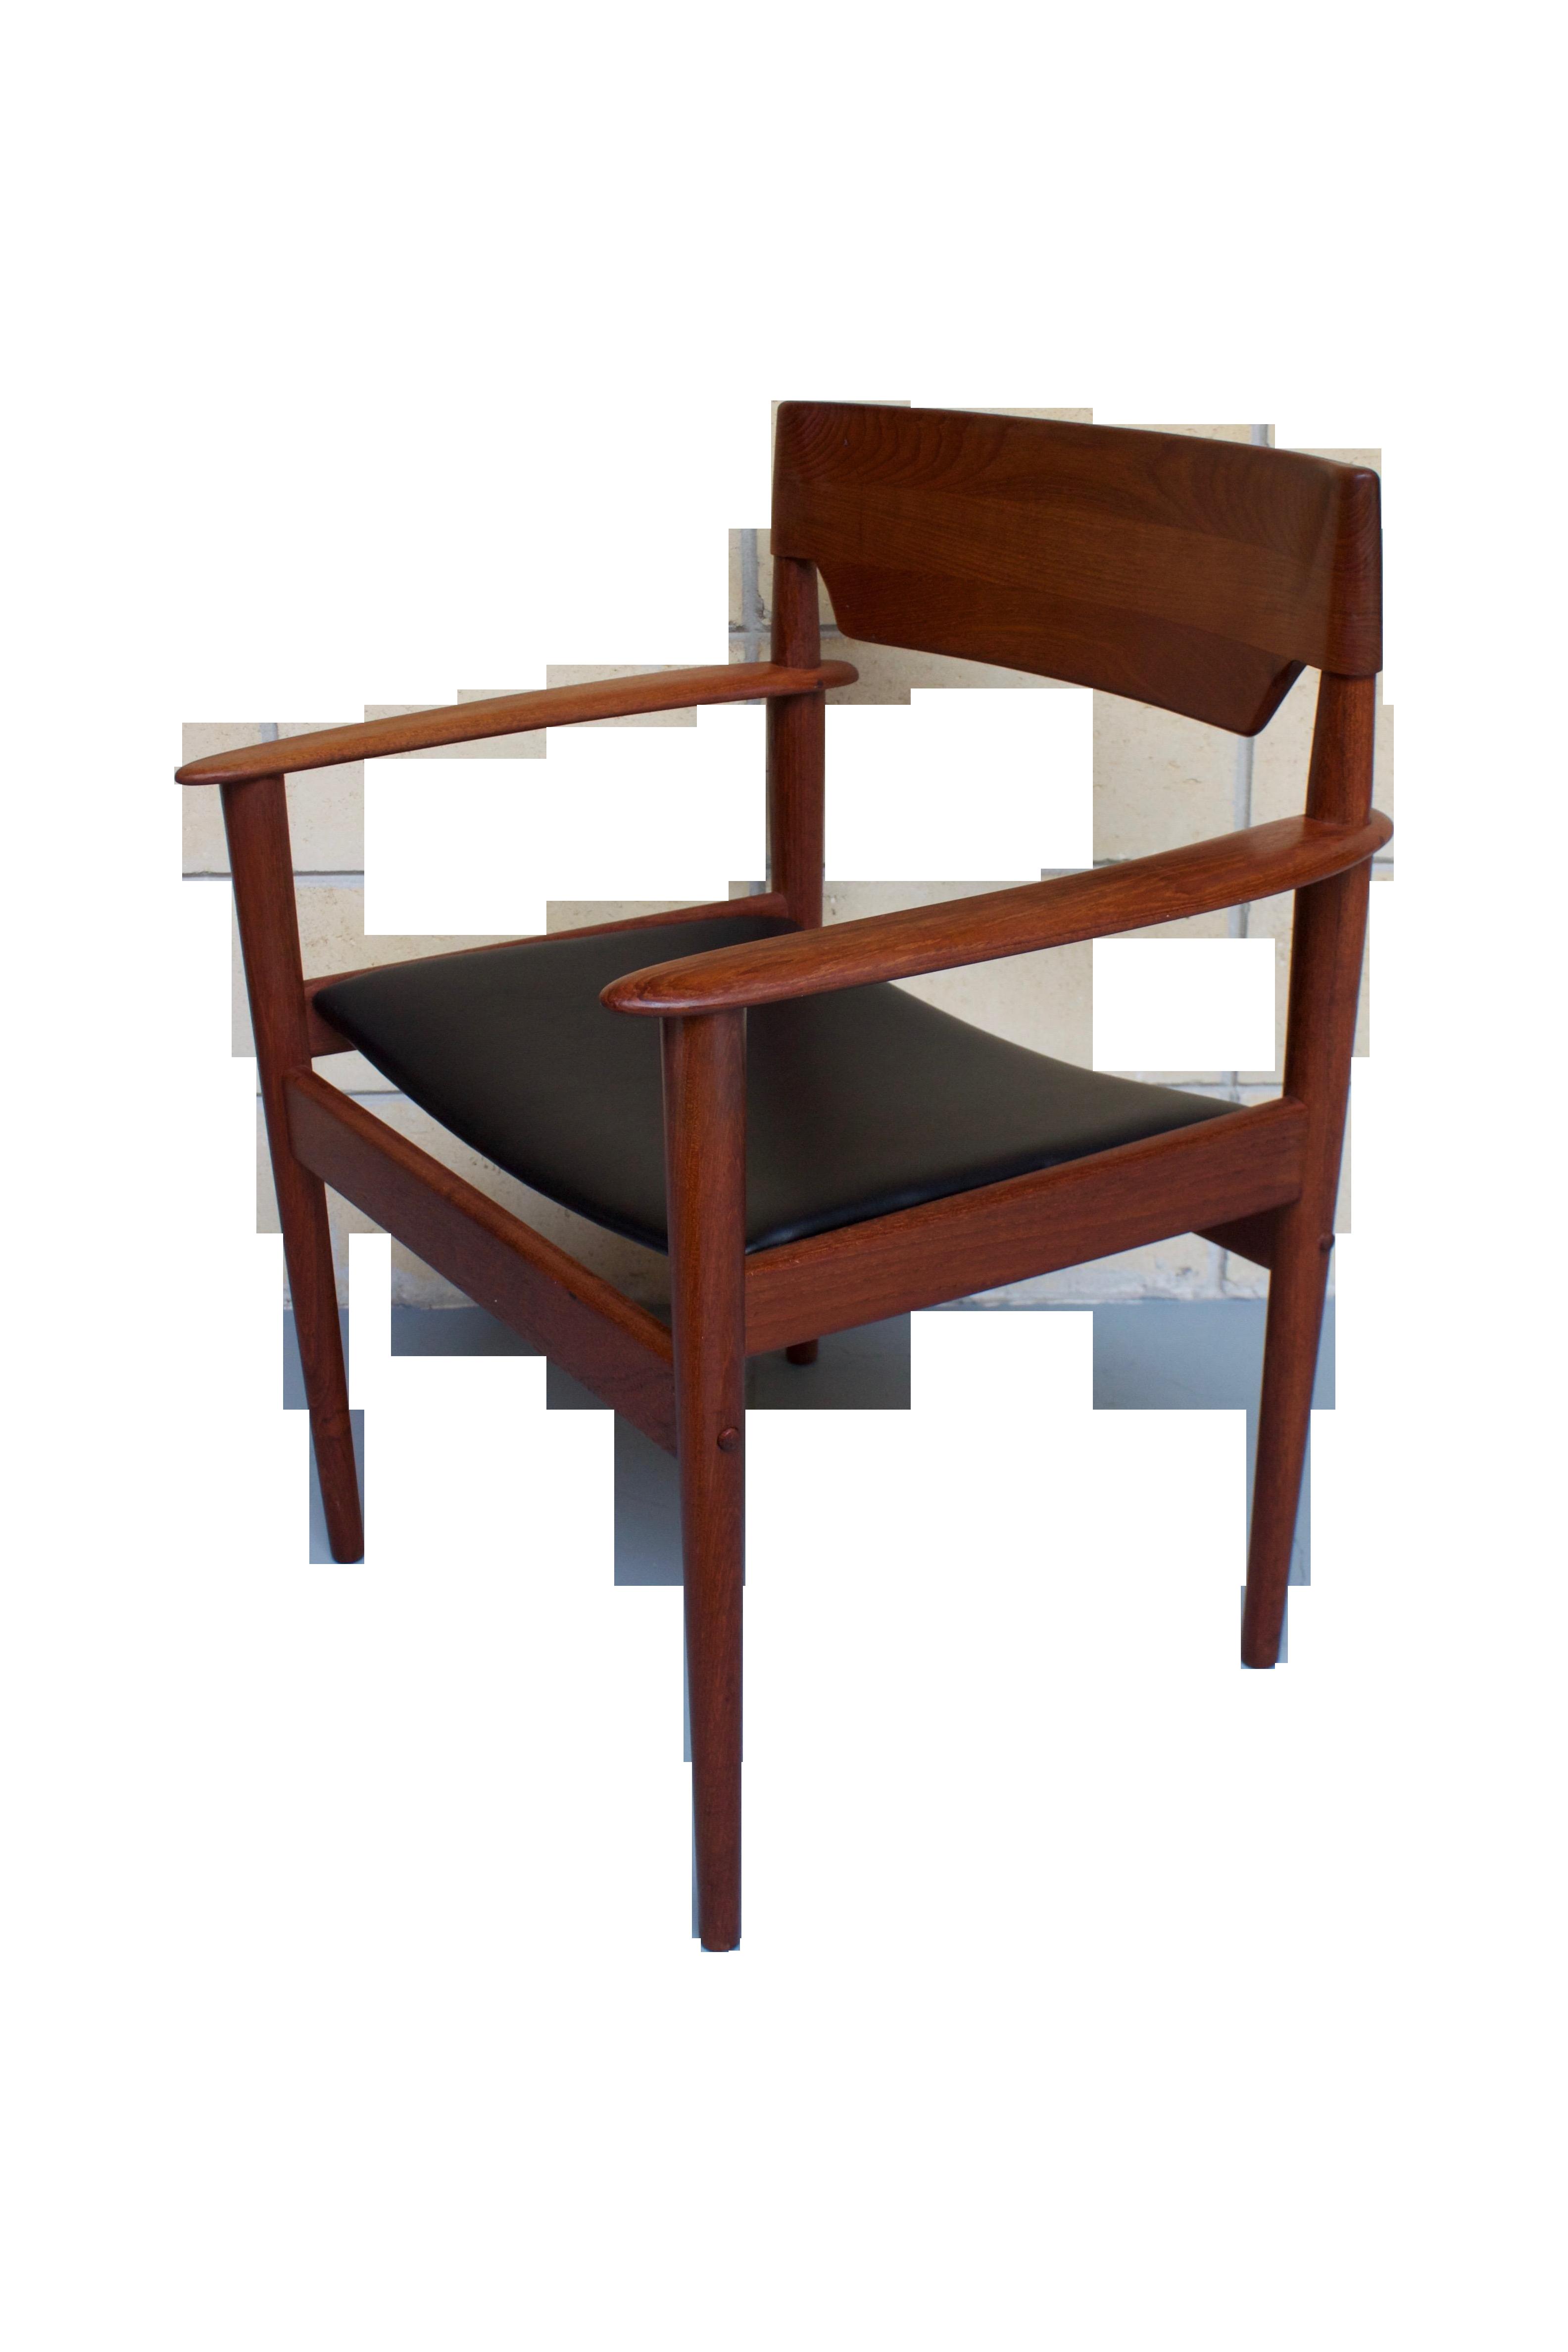 Grete Jalk Pj 4 2 P Jeppesen Danish Chair